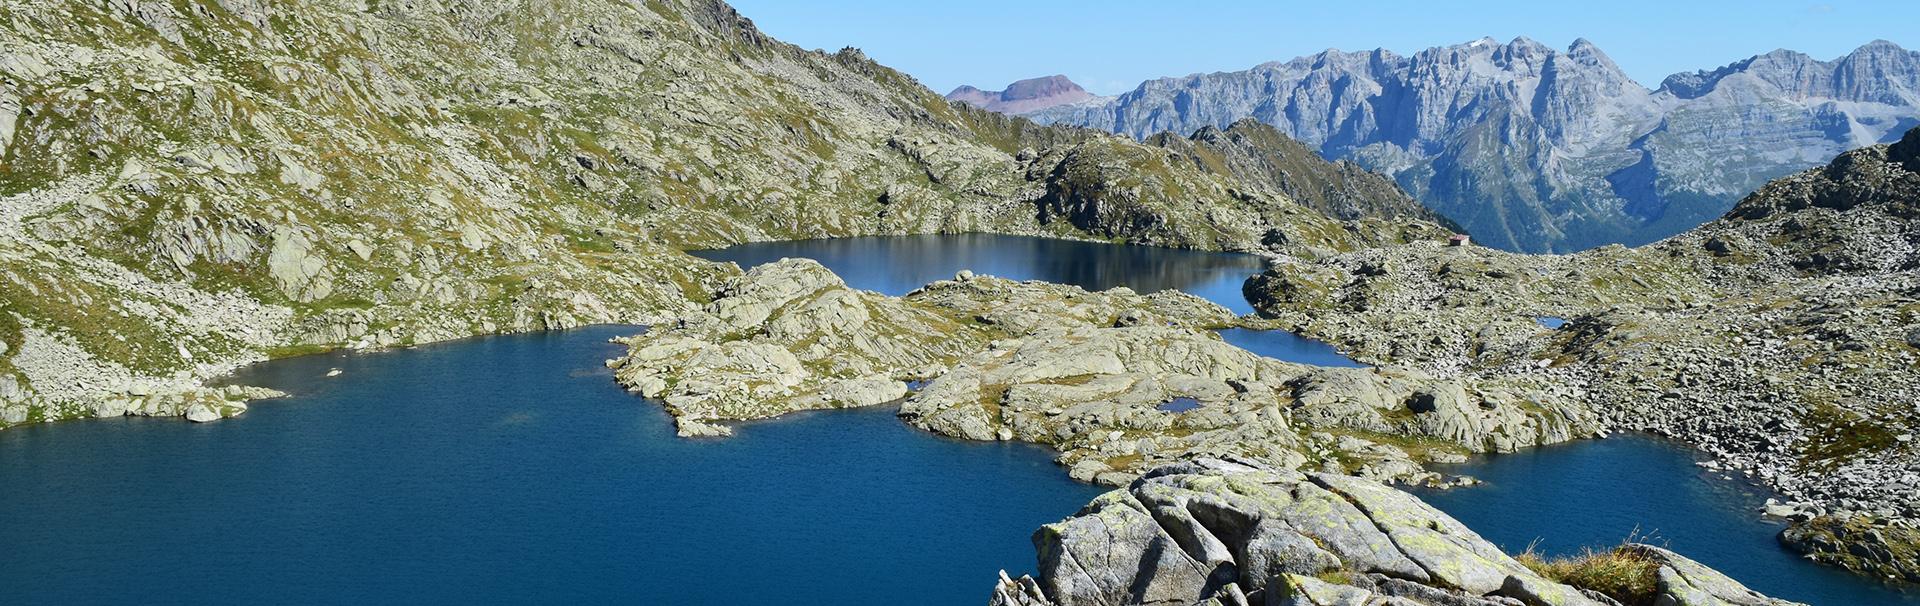 Les lacs Nambino, Serodoli et Gelato – Dolomites de Brenta